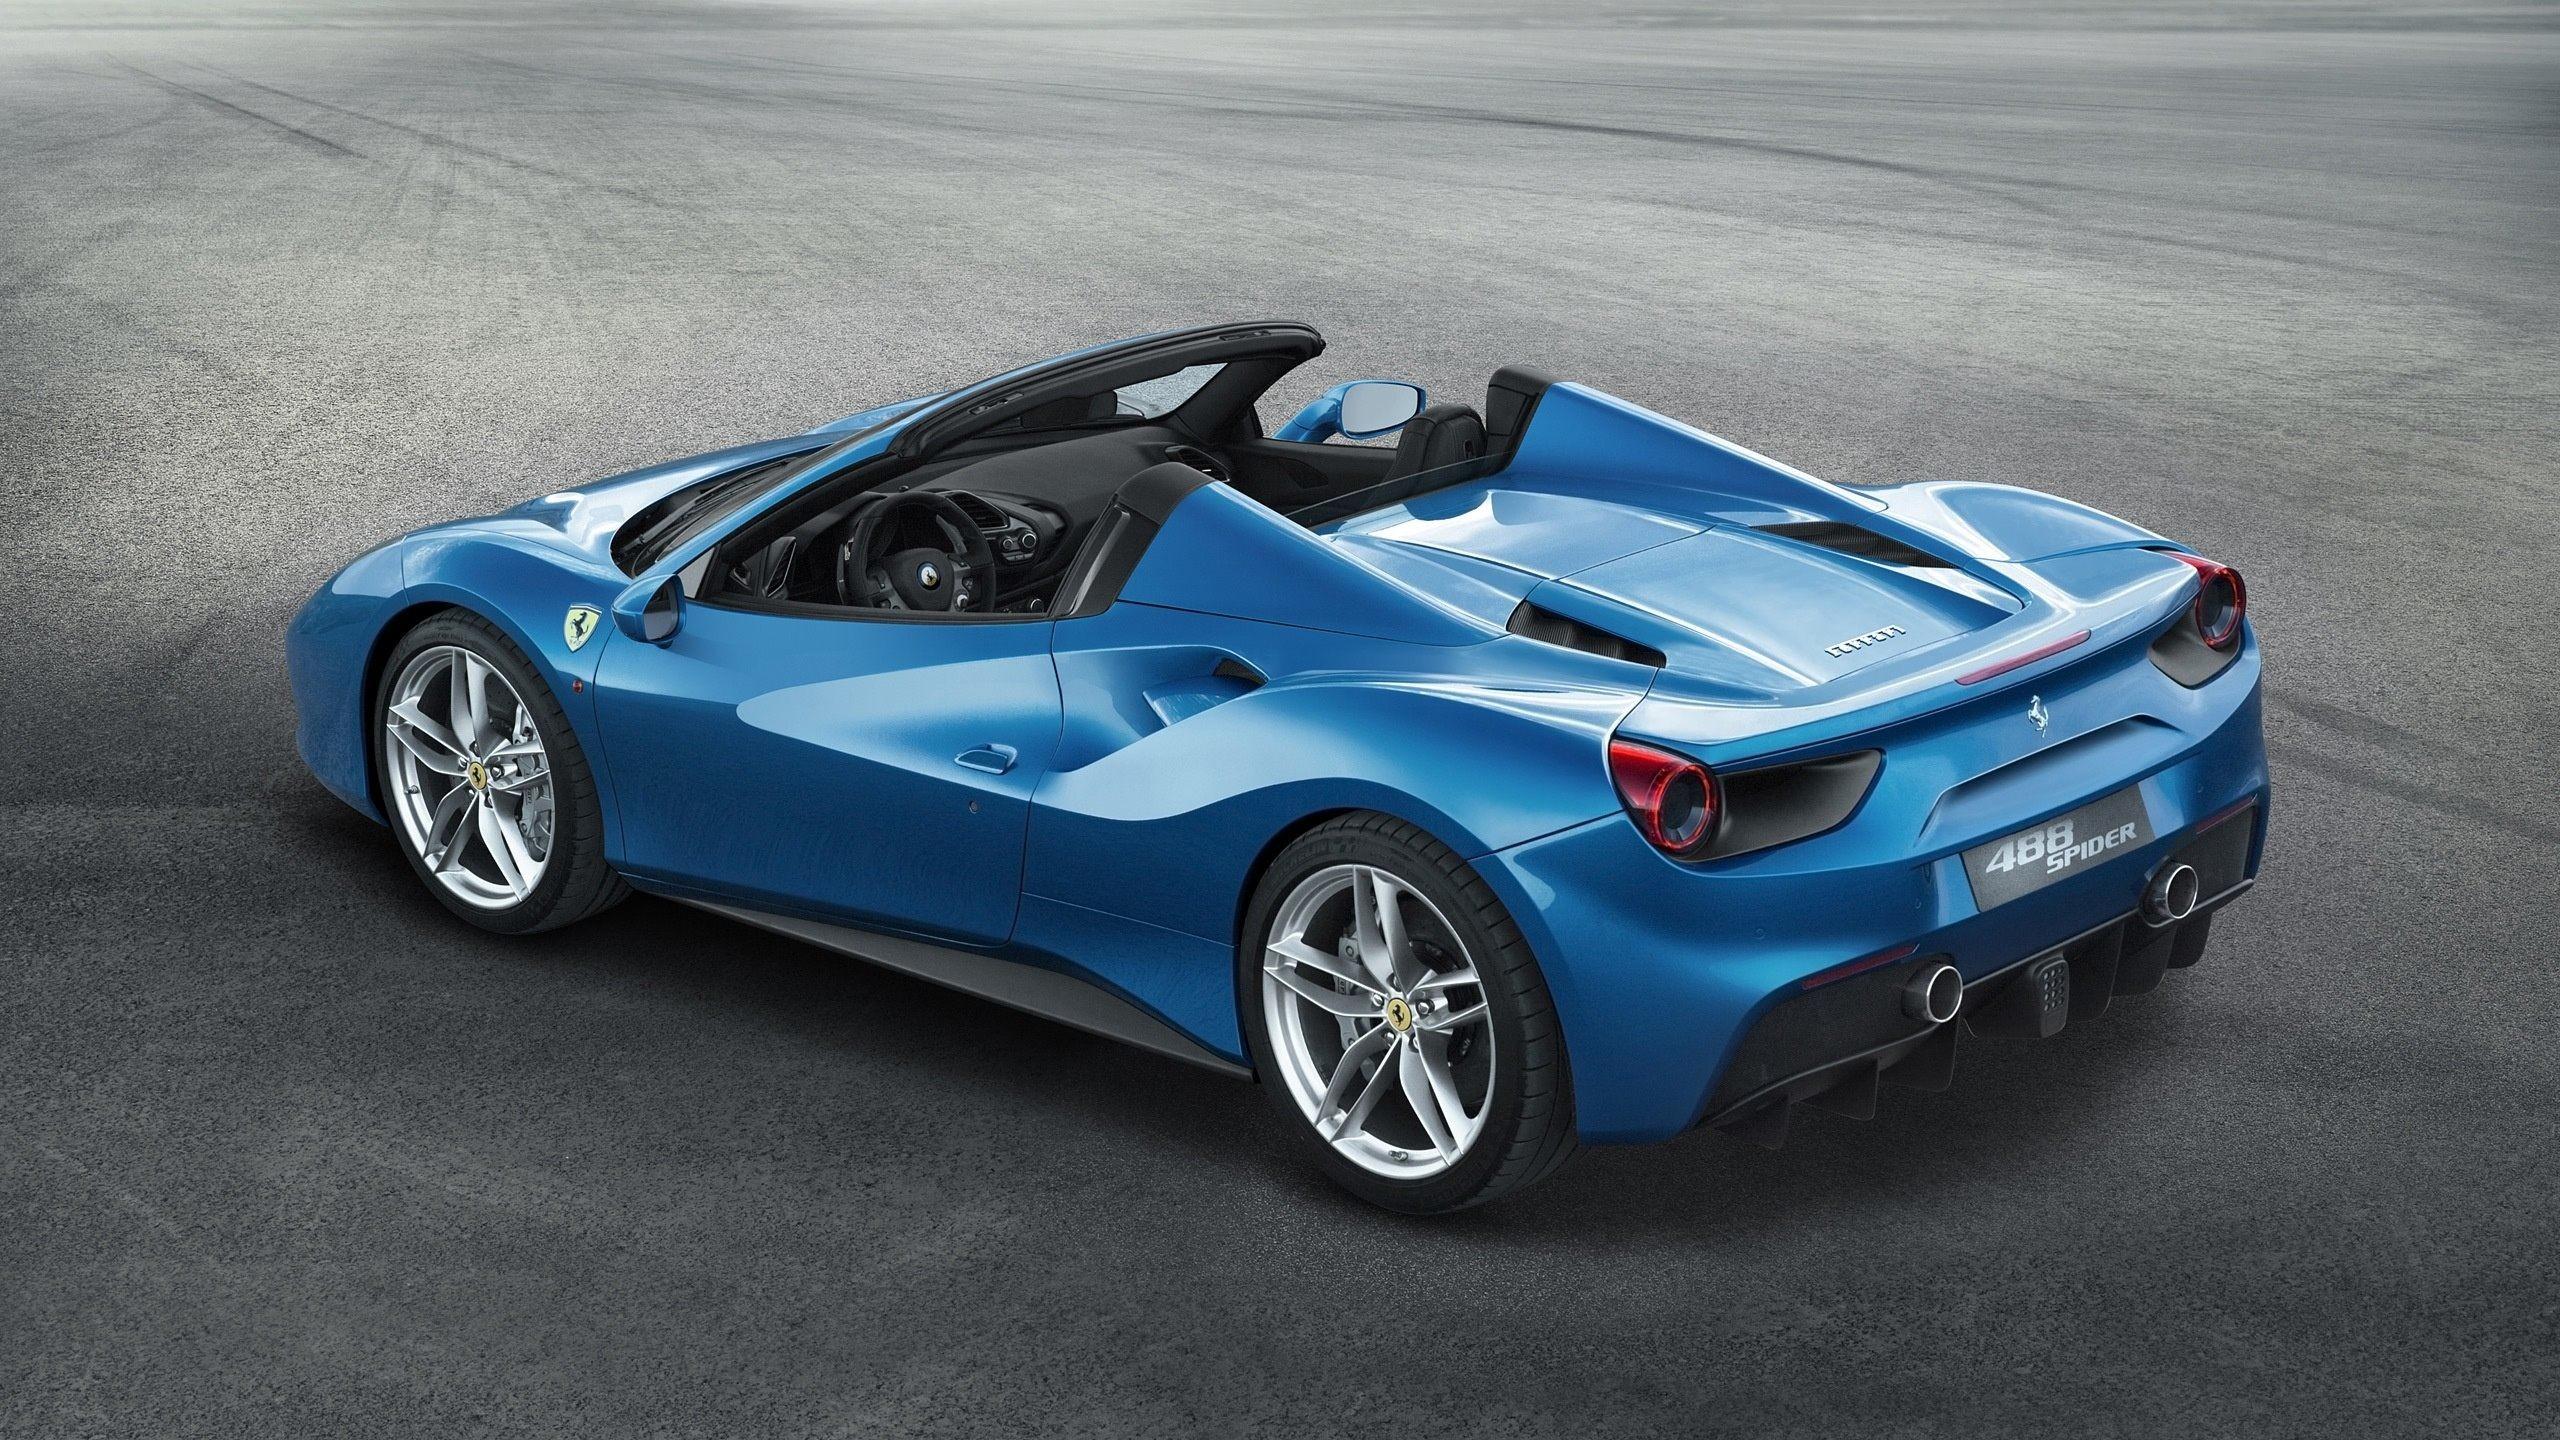 Ferrari 488 Spider Blue Car Wallpaper